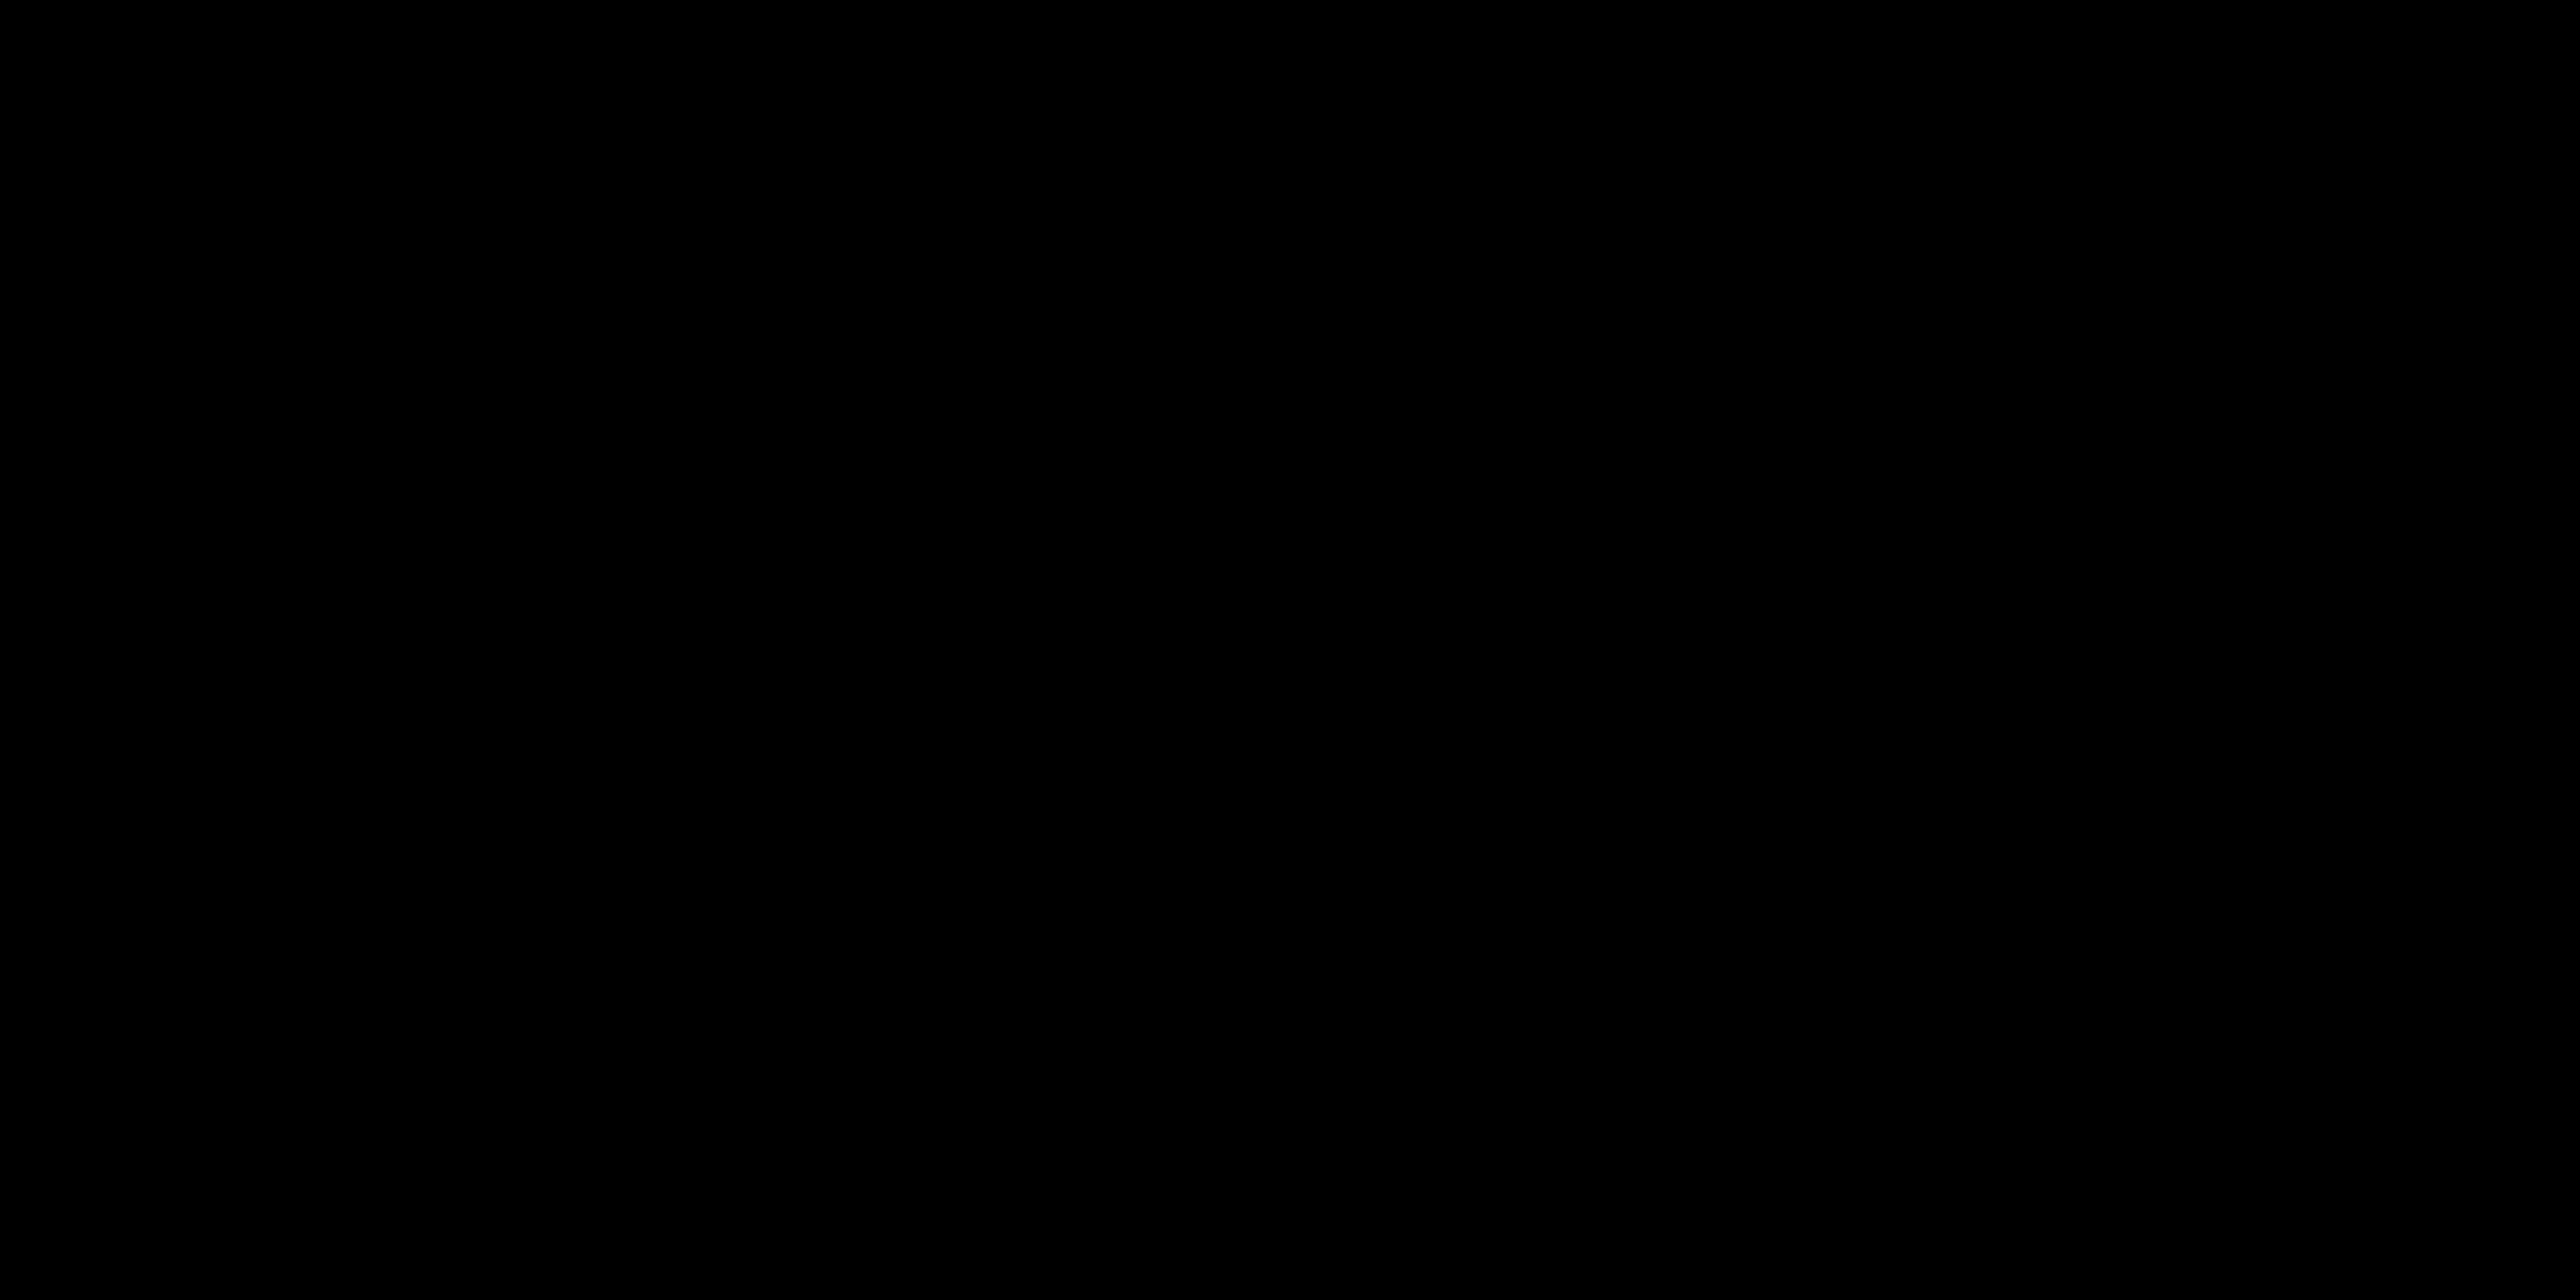 RC_logo_HD (002).jpg (1.63 MB)